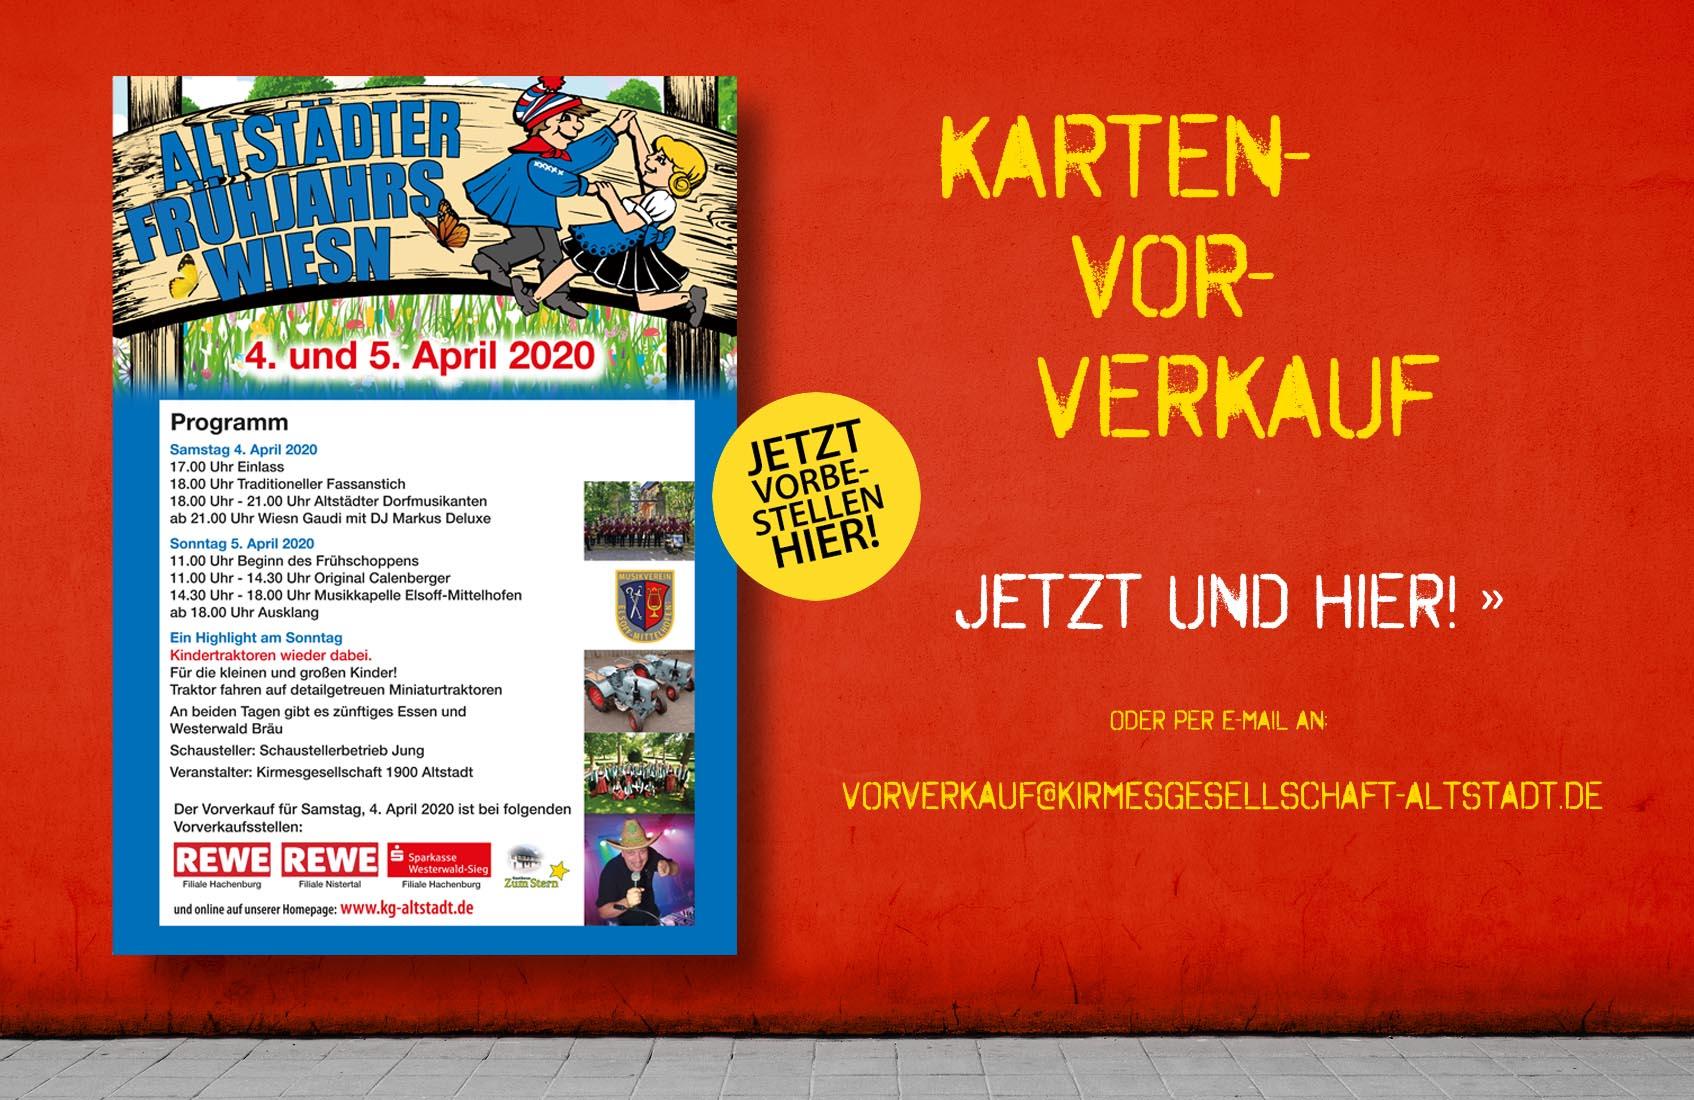 popup-kartenvvk-fruehlingswiesn-2020-kg-altstadt